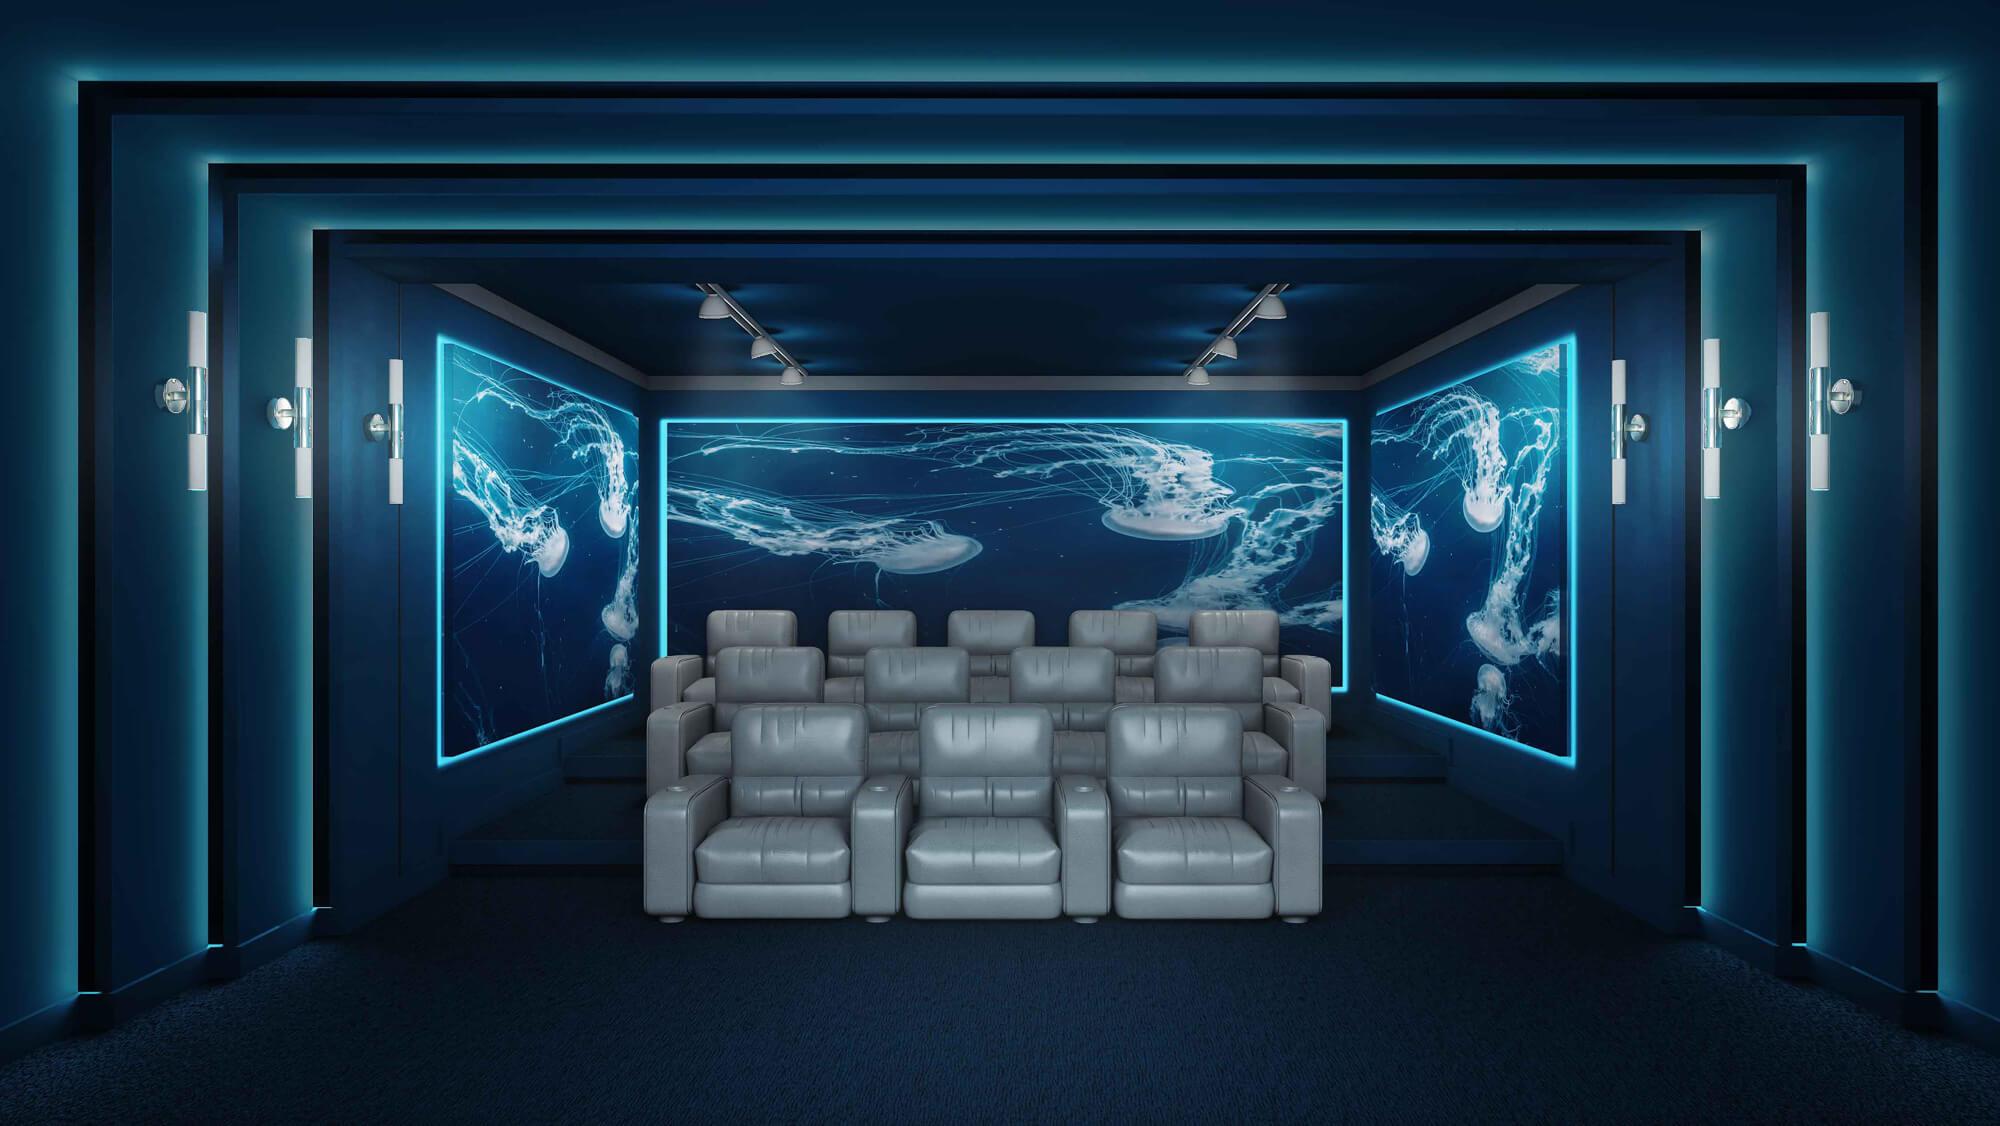 طرح ساخت سینمای خانگی